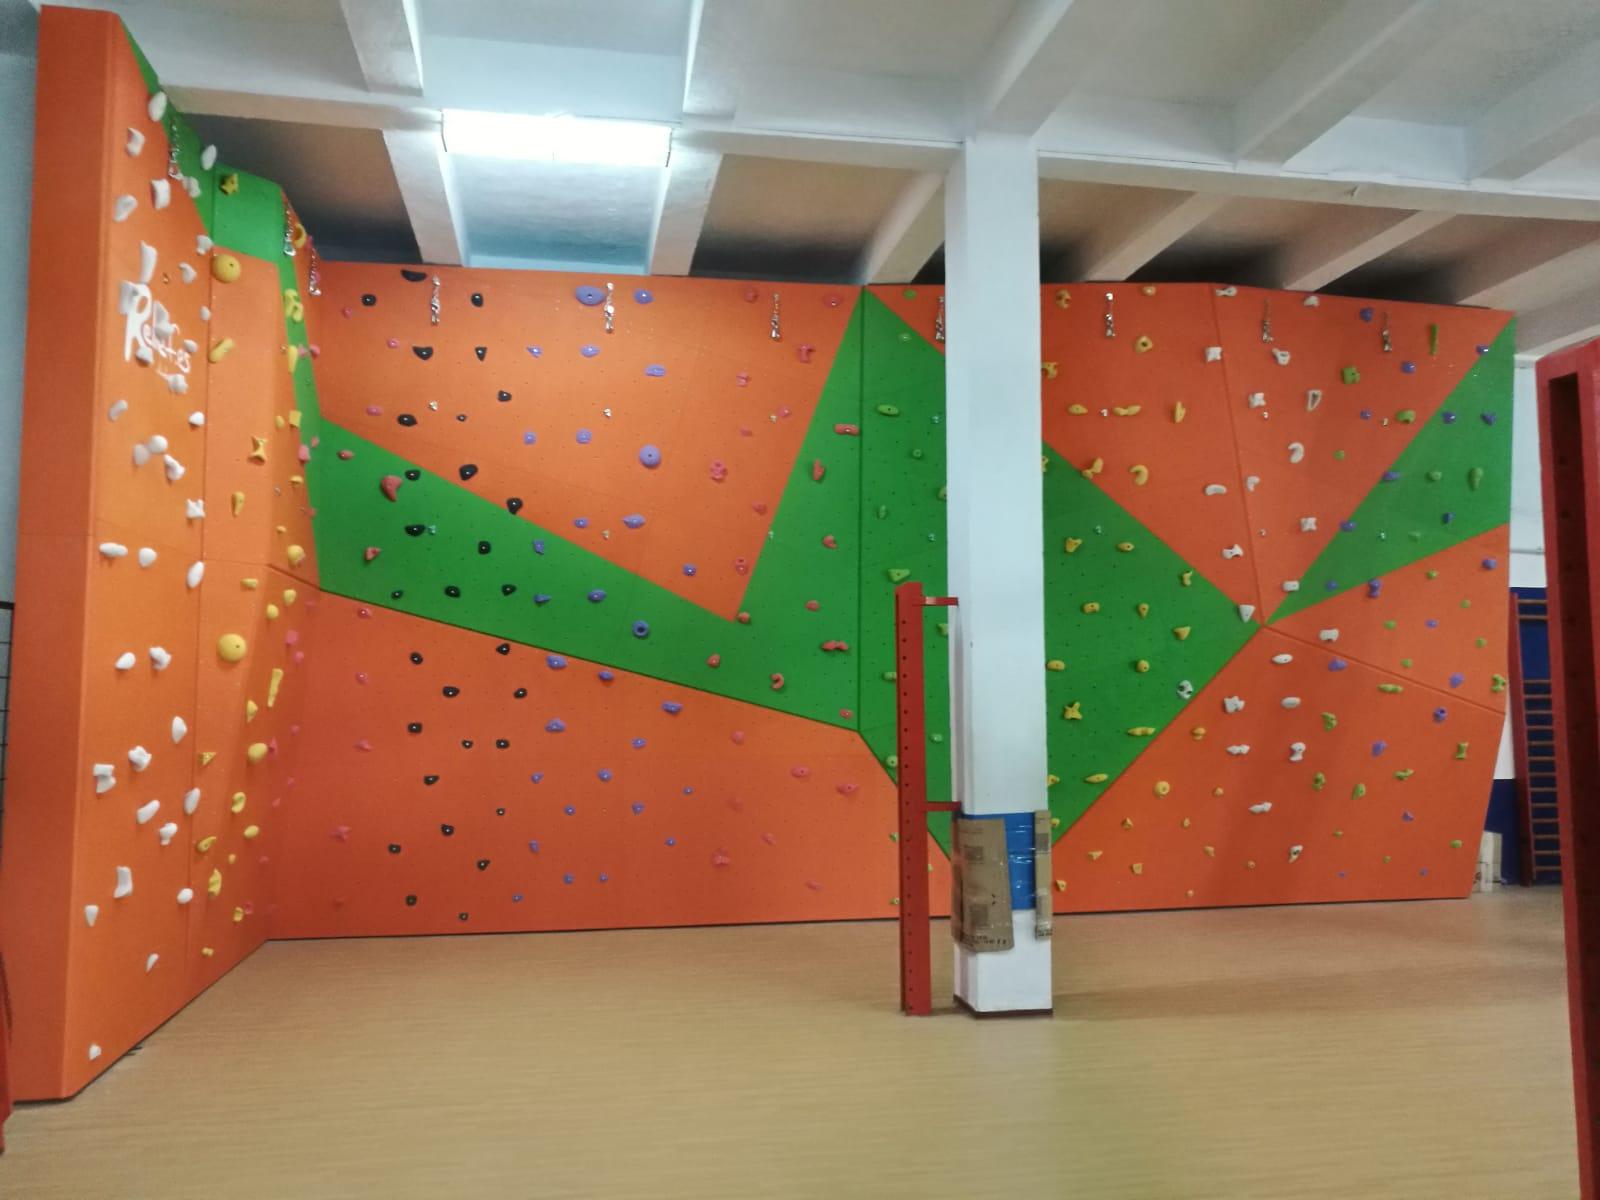 Gran instalación para la práctica de la escalada en colegio